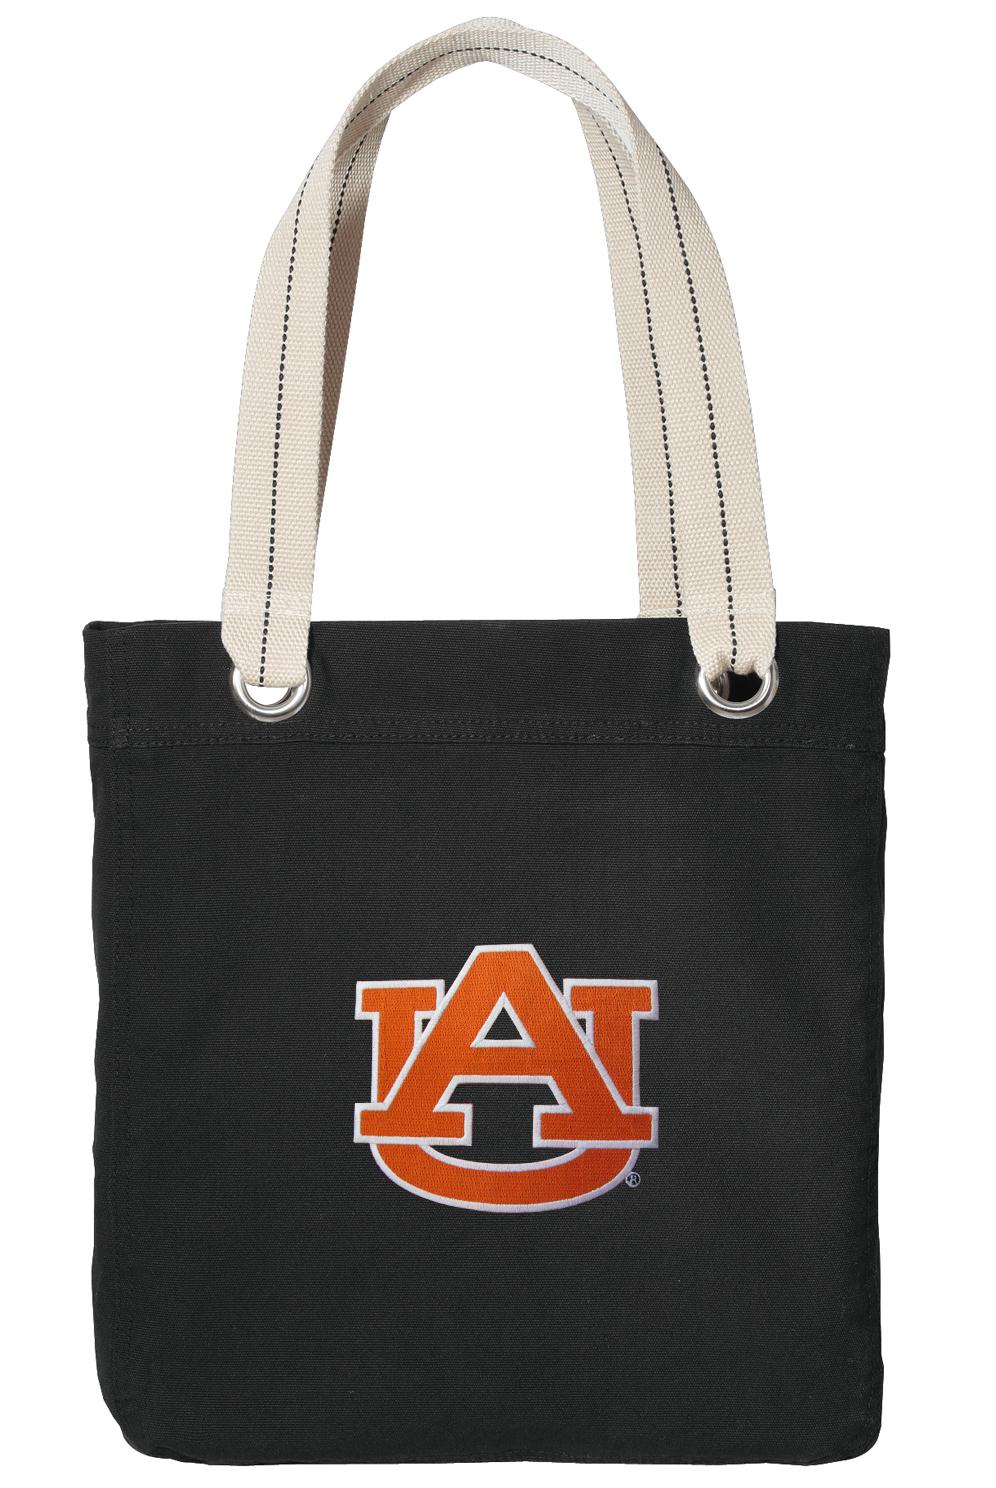 Auburn Tote Bag Rich Cotton Canvas Black